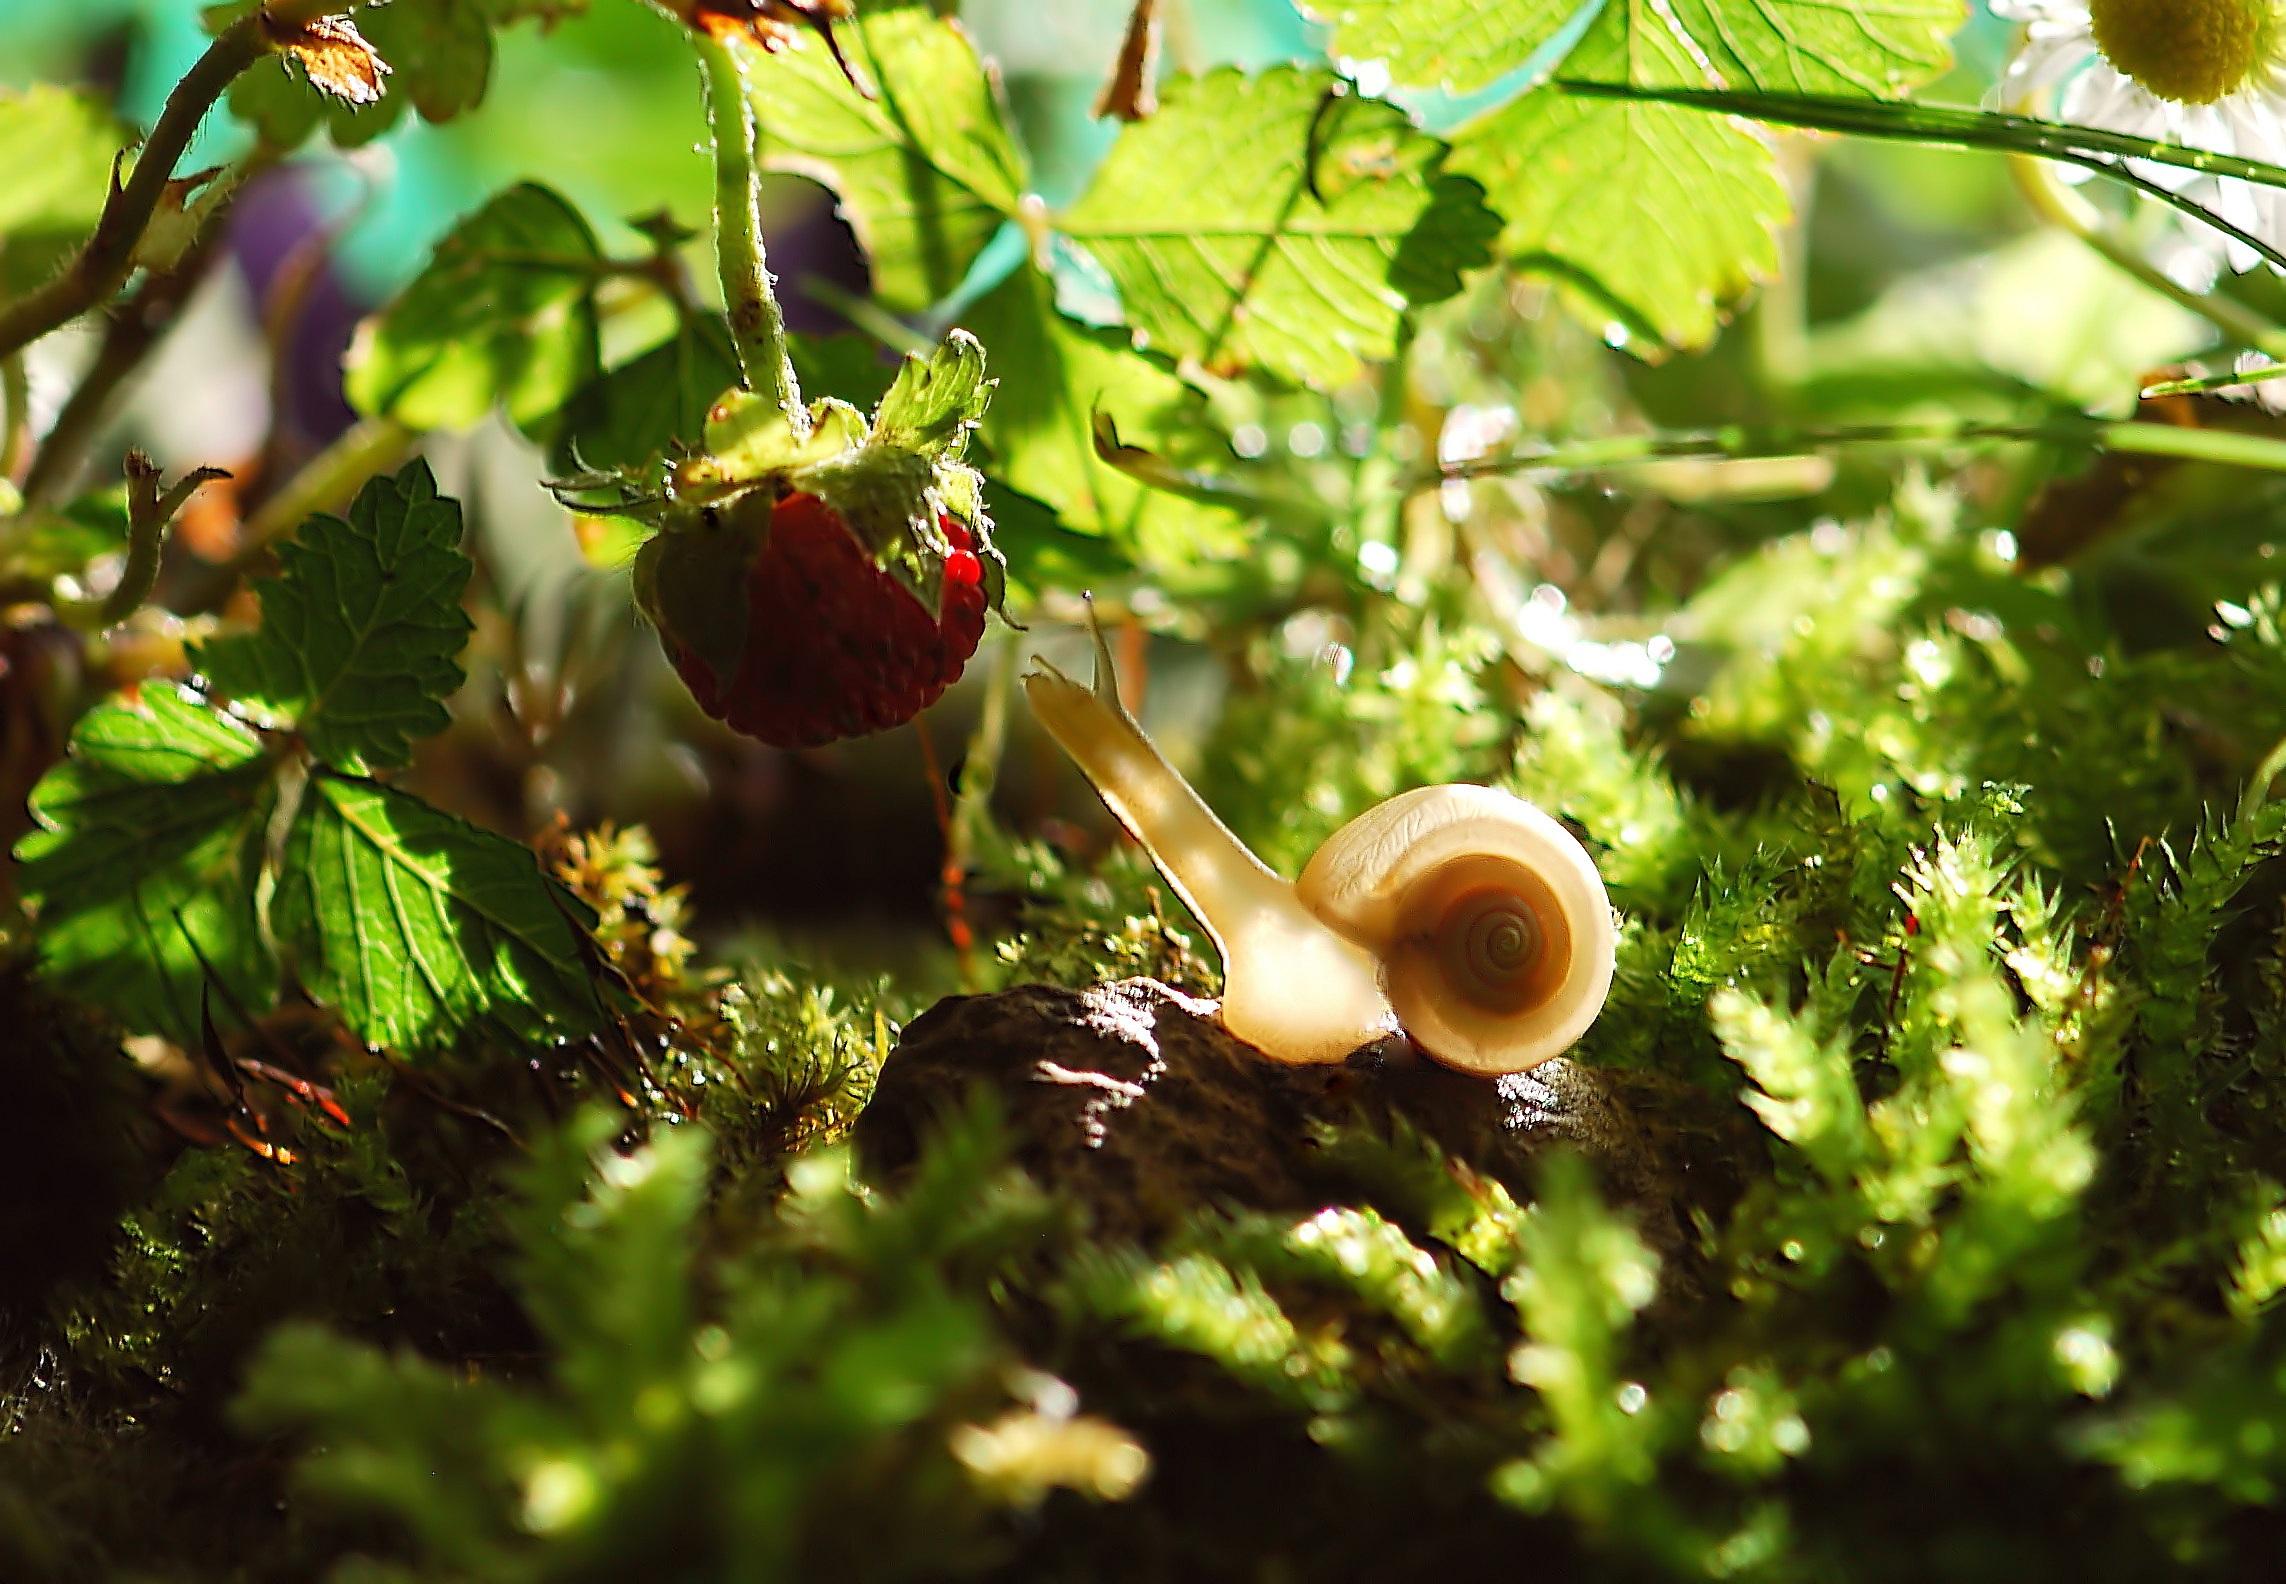 Schnecke und Erdbeere